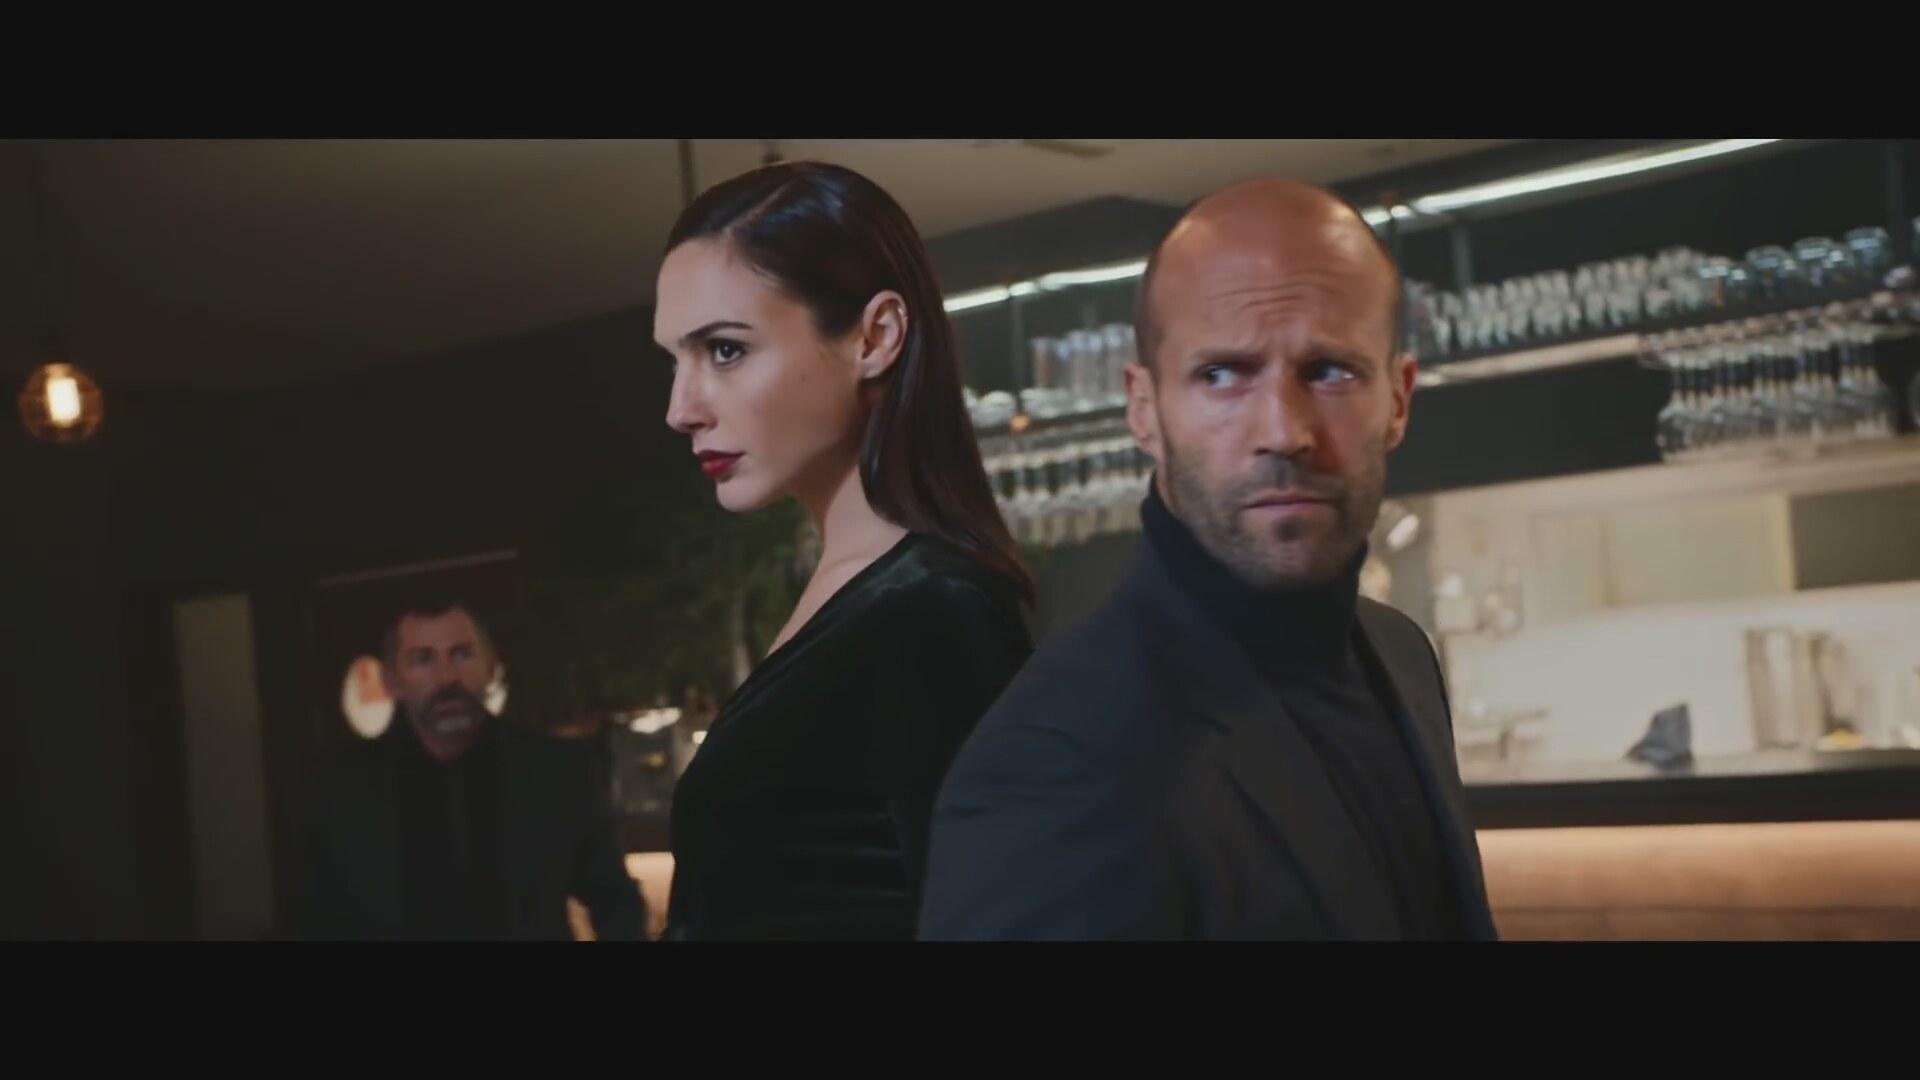 Jason Statham Ve Gal Gadotun Aksiyon Filmi Tadında Reklam Filmi